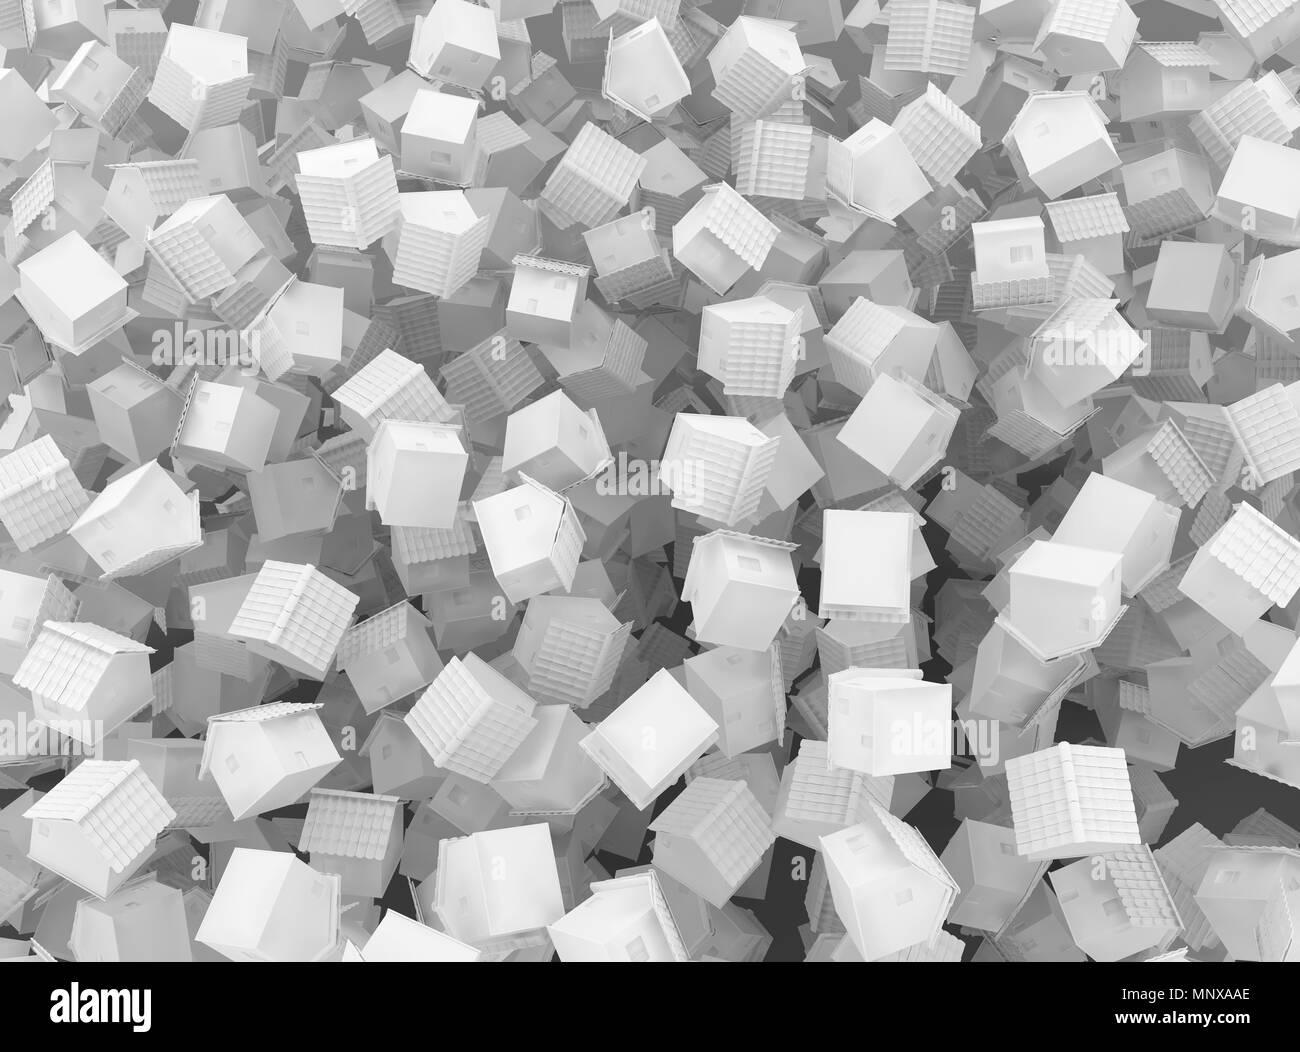 Les petits cottages blancs d'éparpillement chaotique, 3d illustration, l'arrière-plan l'horizontale Banque D'Images